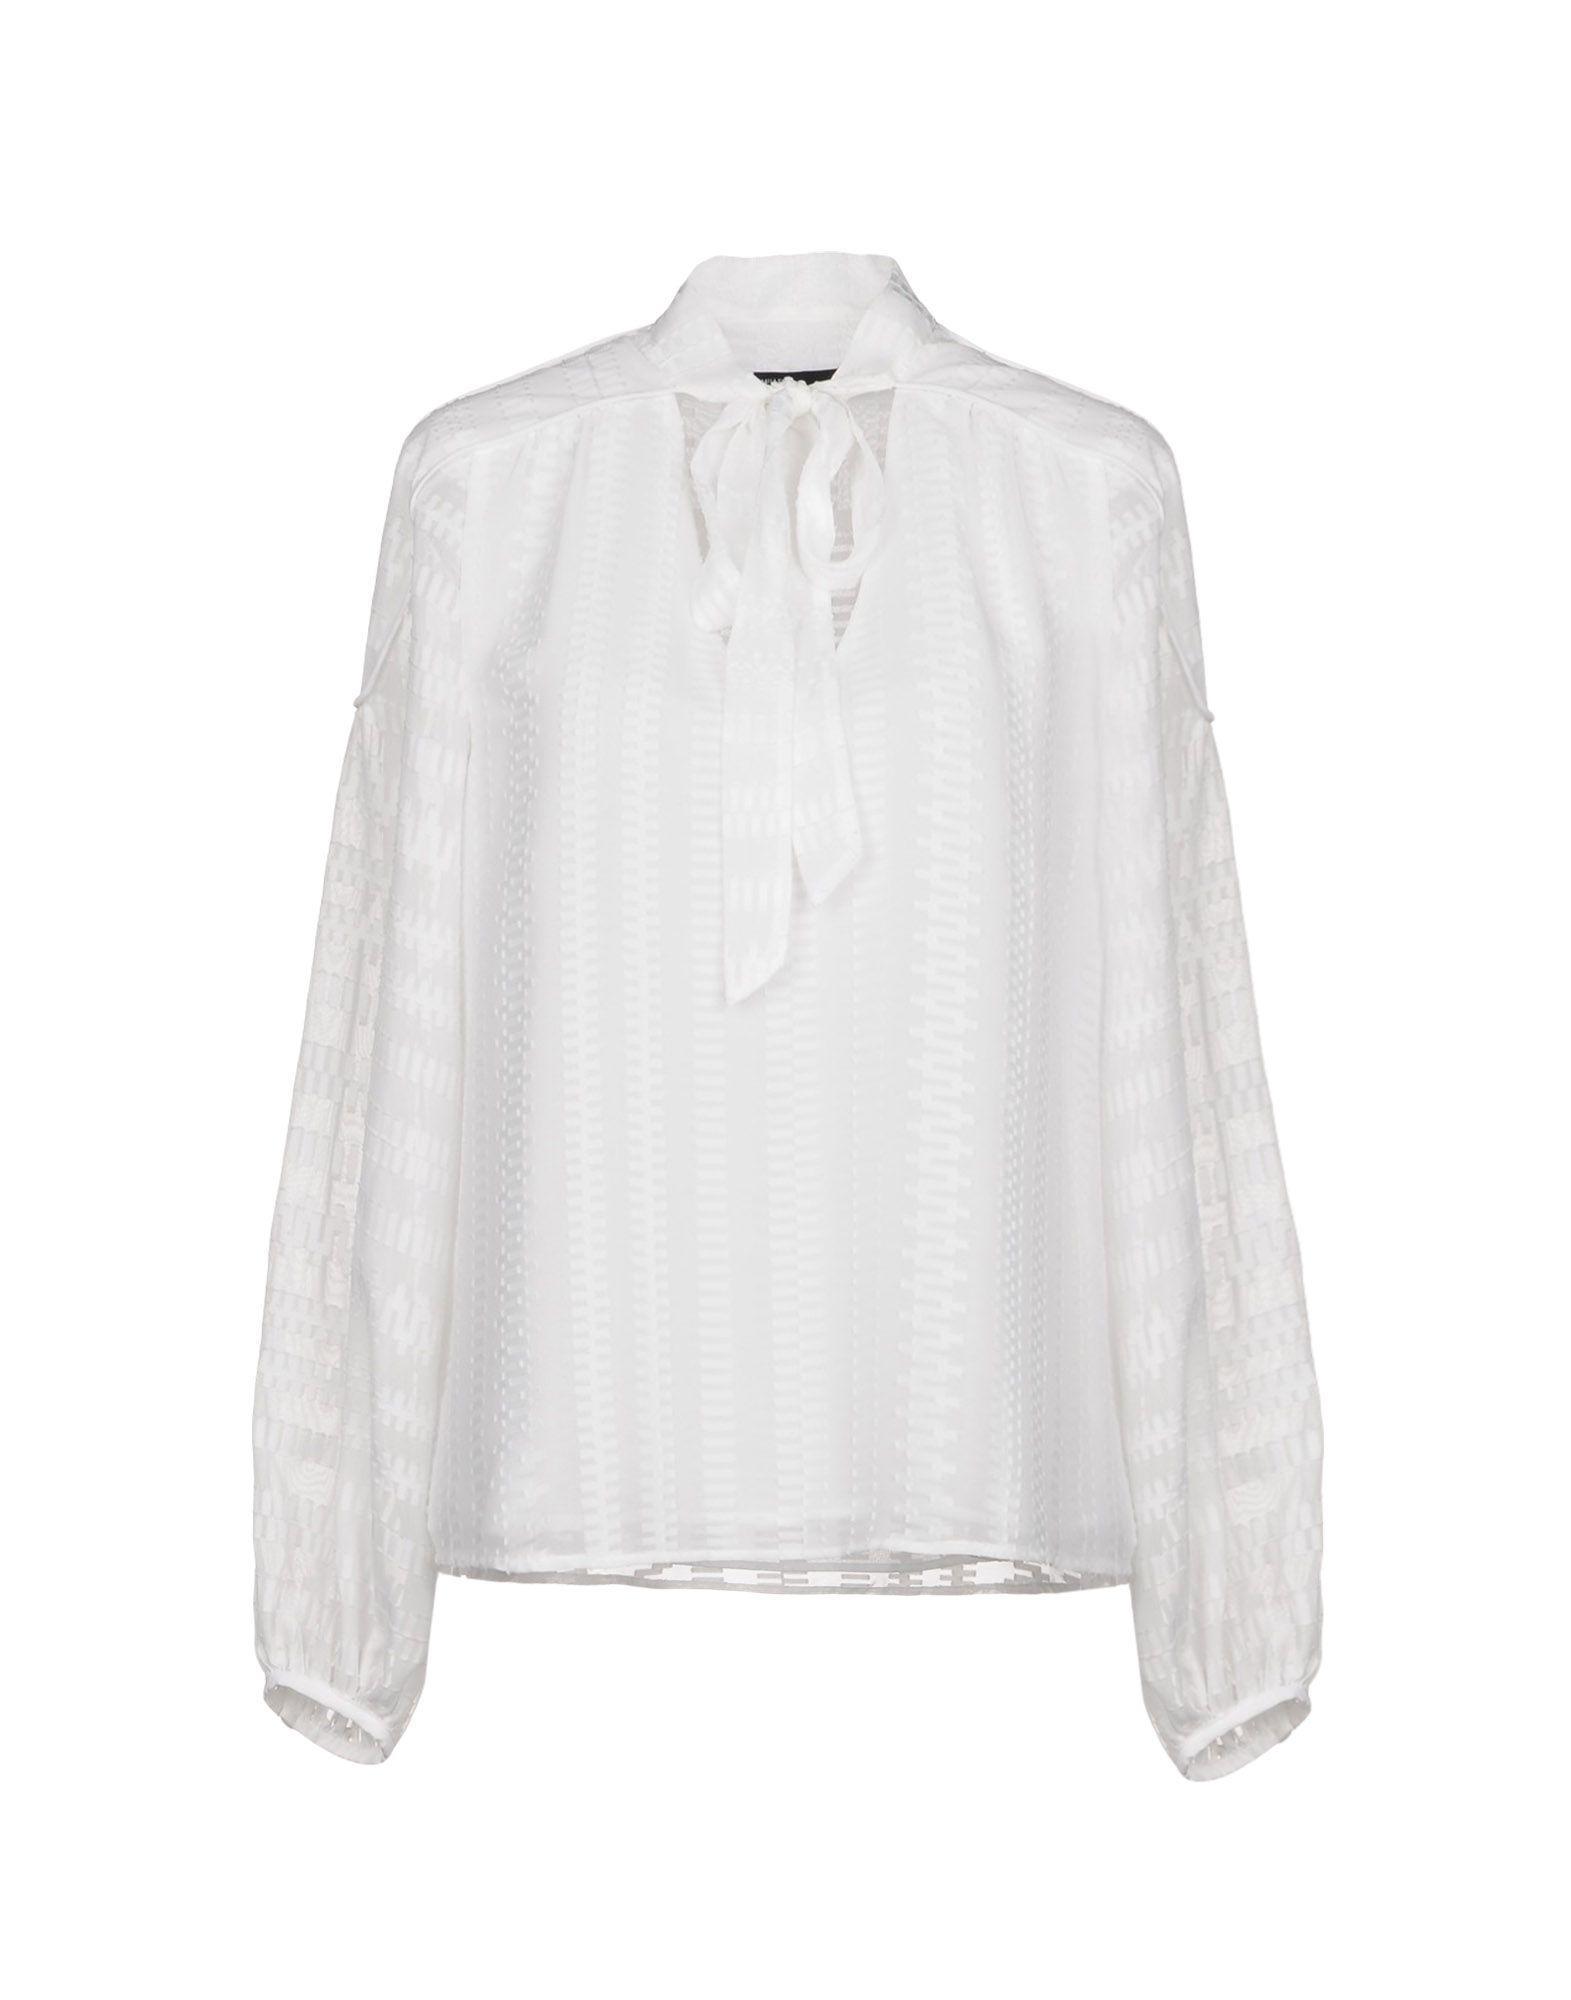 Karen Millen Shirts In White